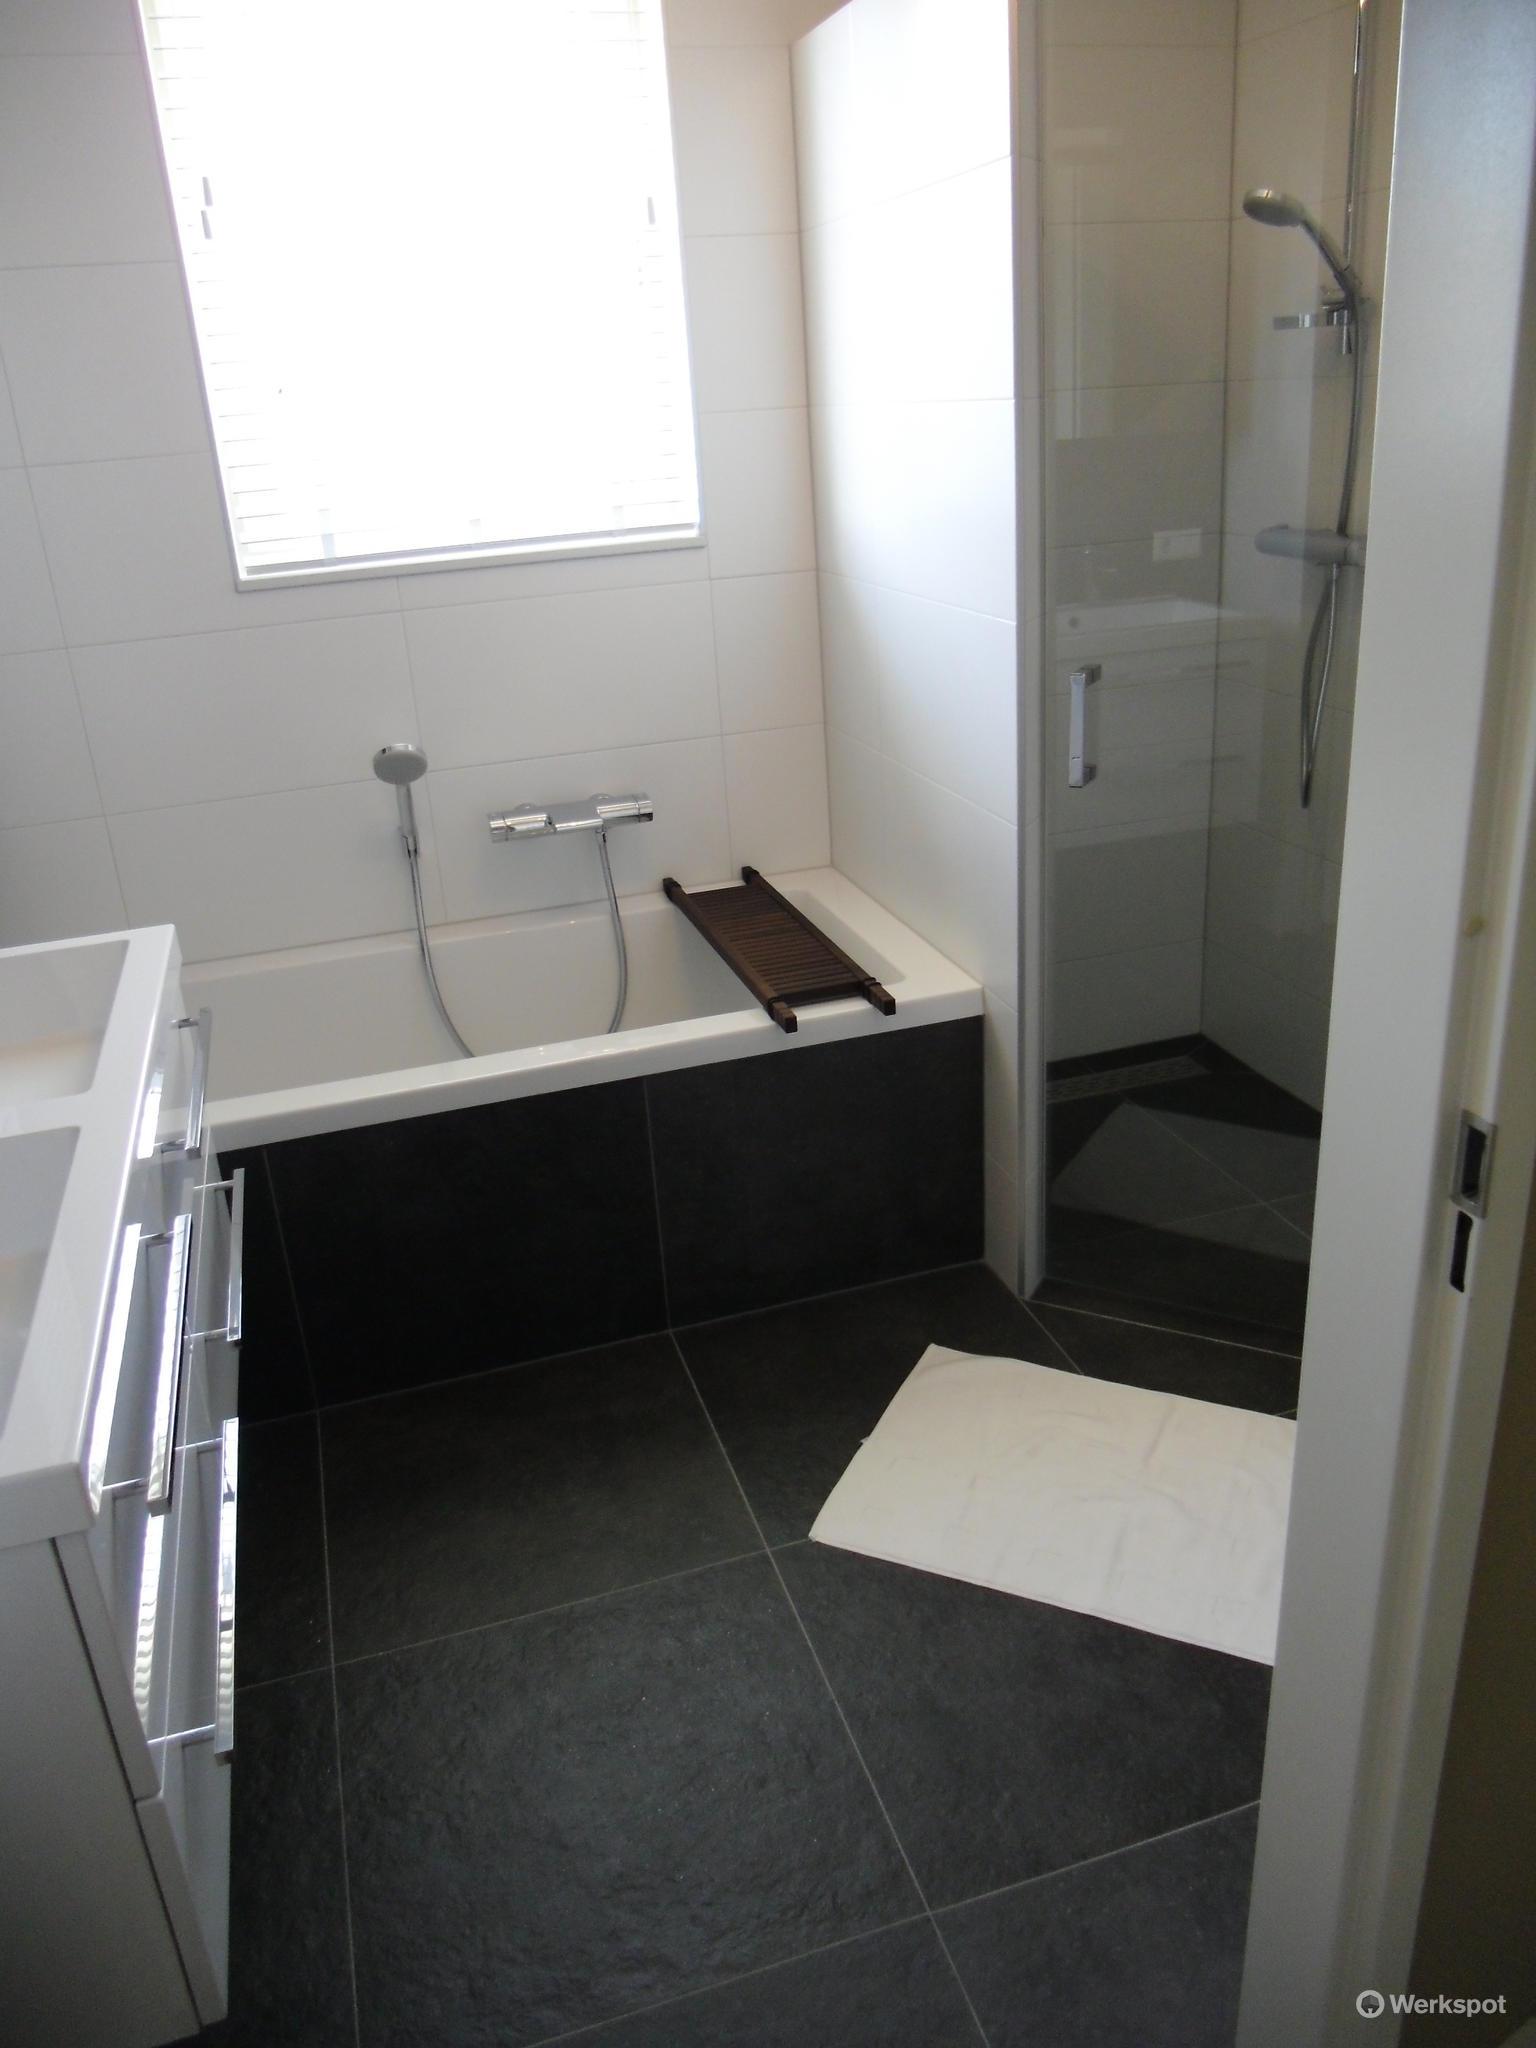 Badkamer en toilet installeren in nieuwbouw - Werkspot